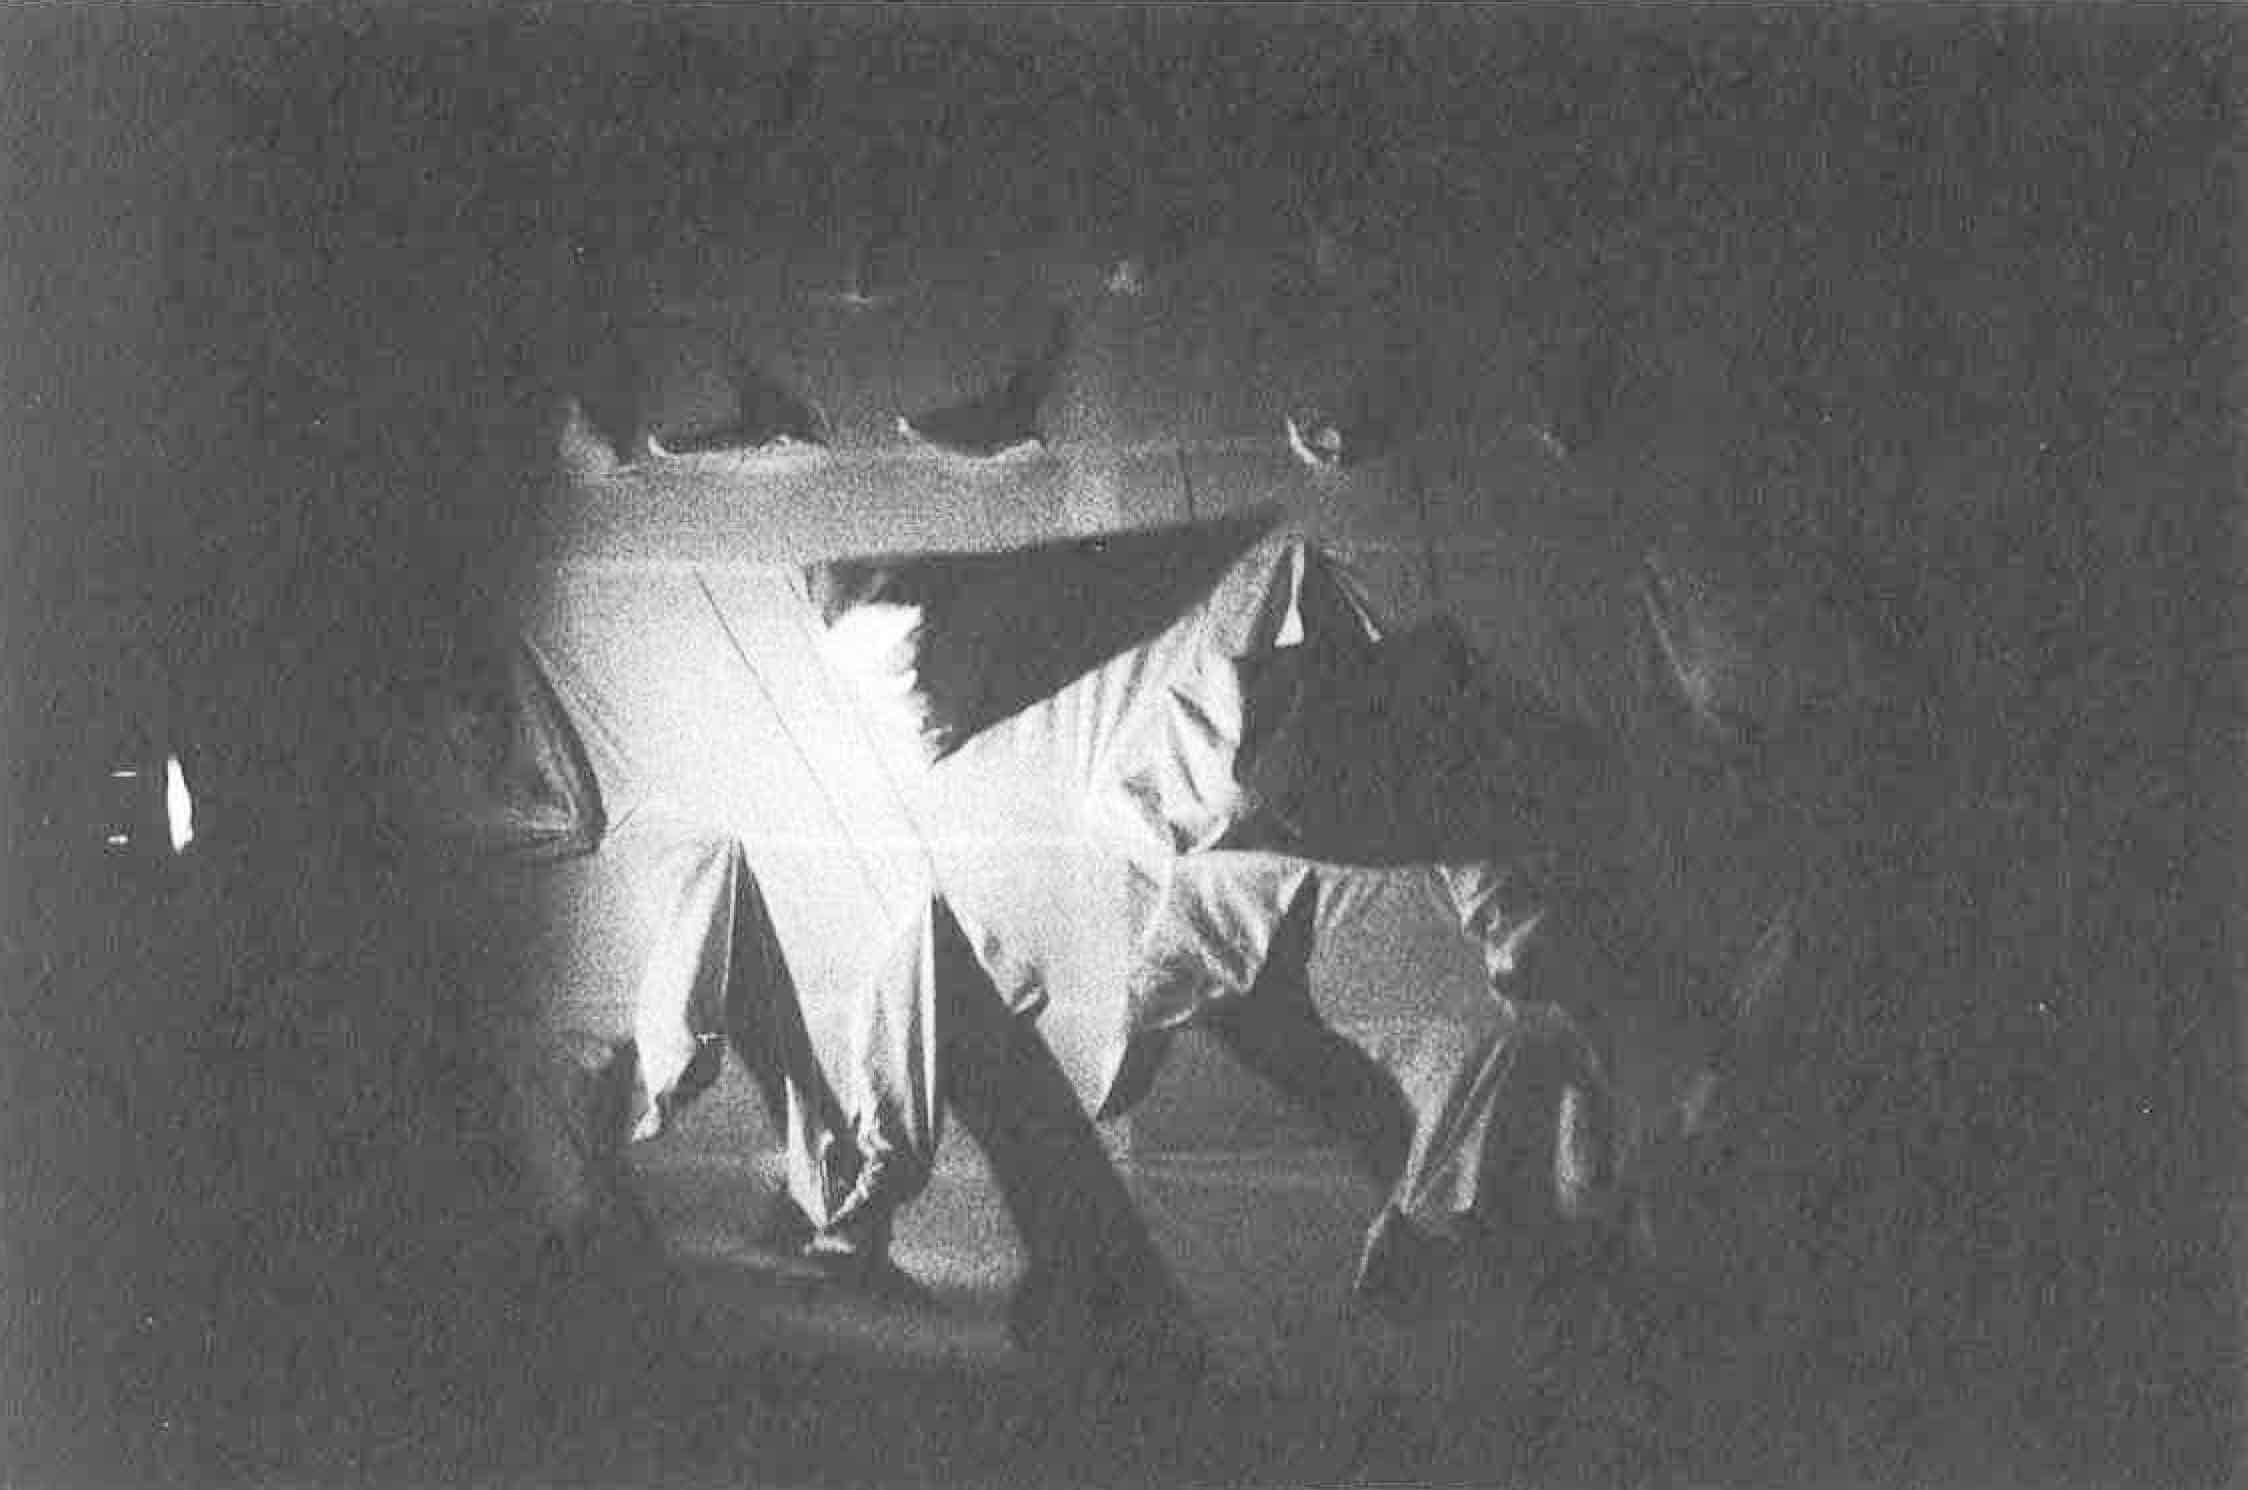 Achille Perilli, Gruppo Altro. Altro/ICS. 1977. I performer indossano la parete costume. Pubblicato in 'Altro. Dieci anni di lavoro intercodice', edizioni Kappa, 1981.